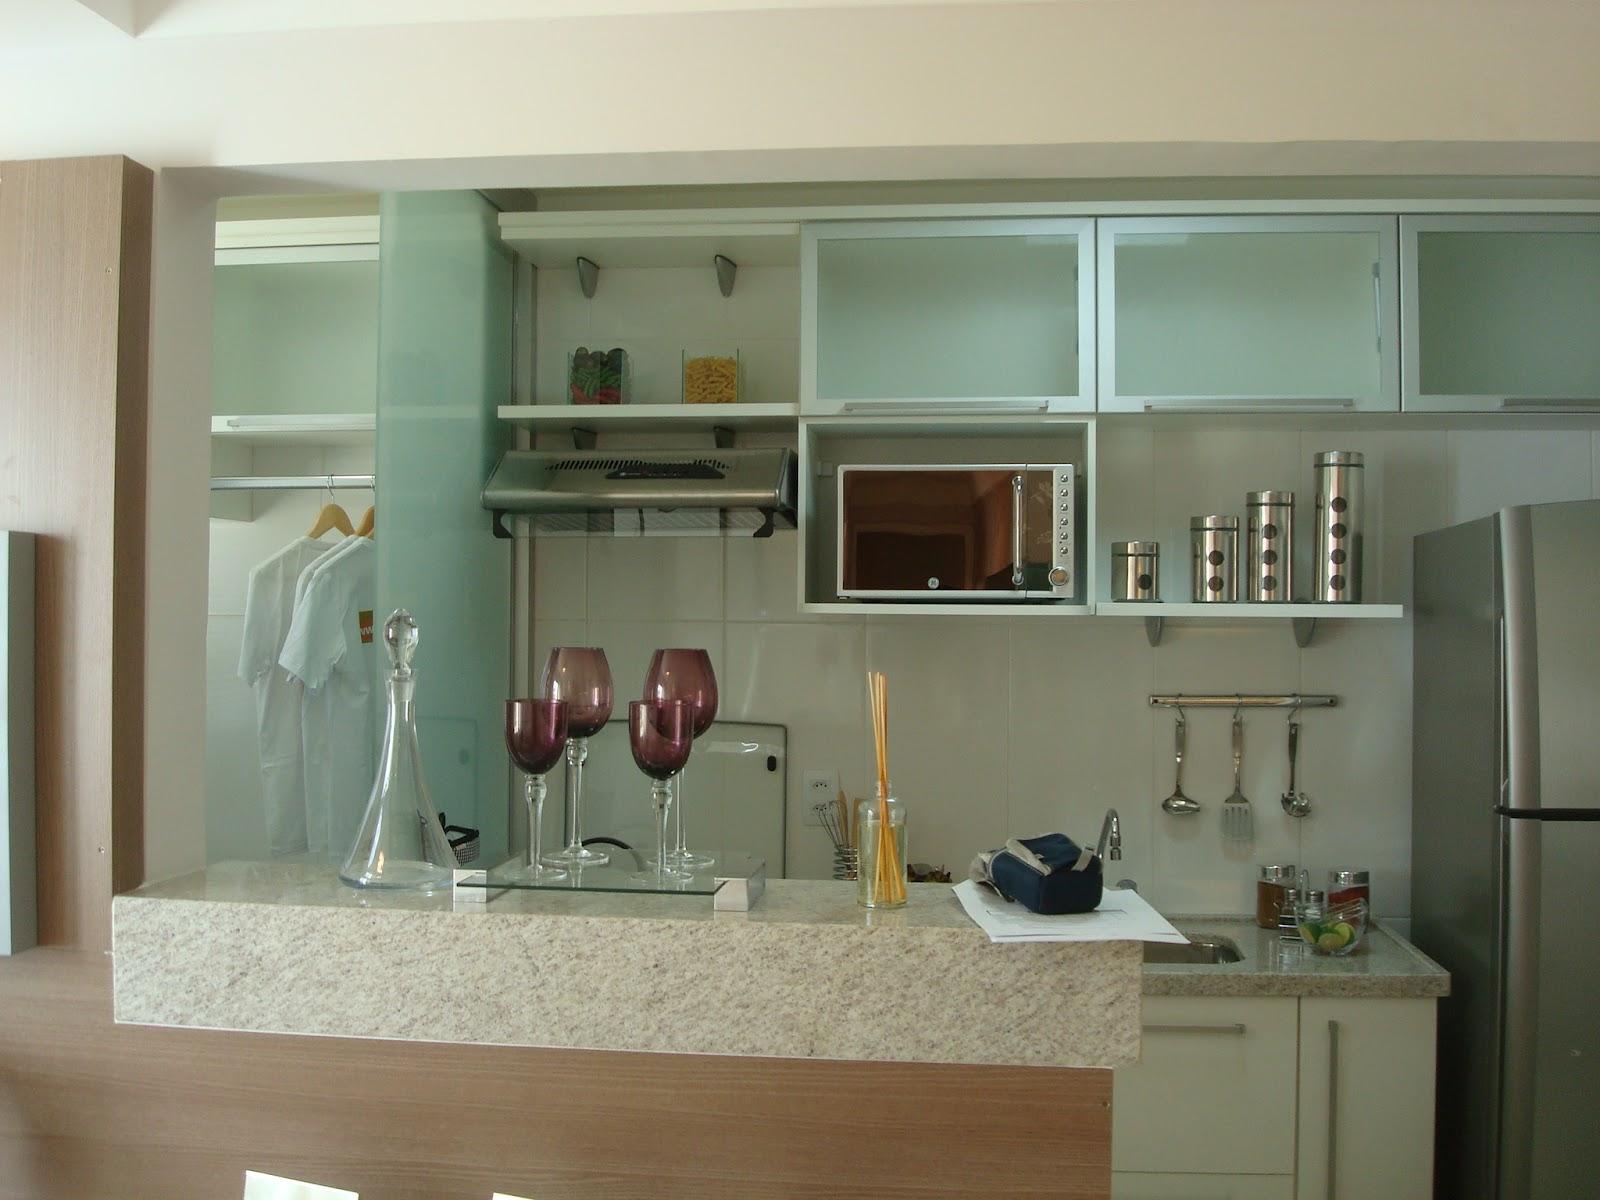 Turquesa Ville: Apartamento Decorado #654D34 1600 1200